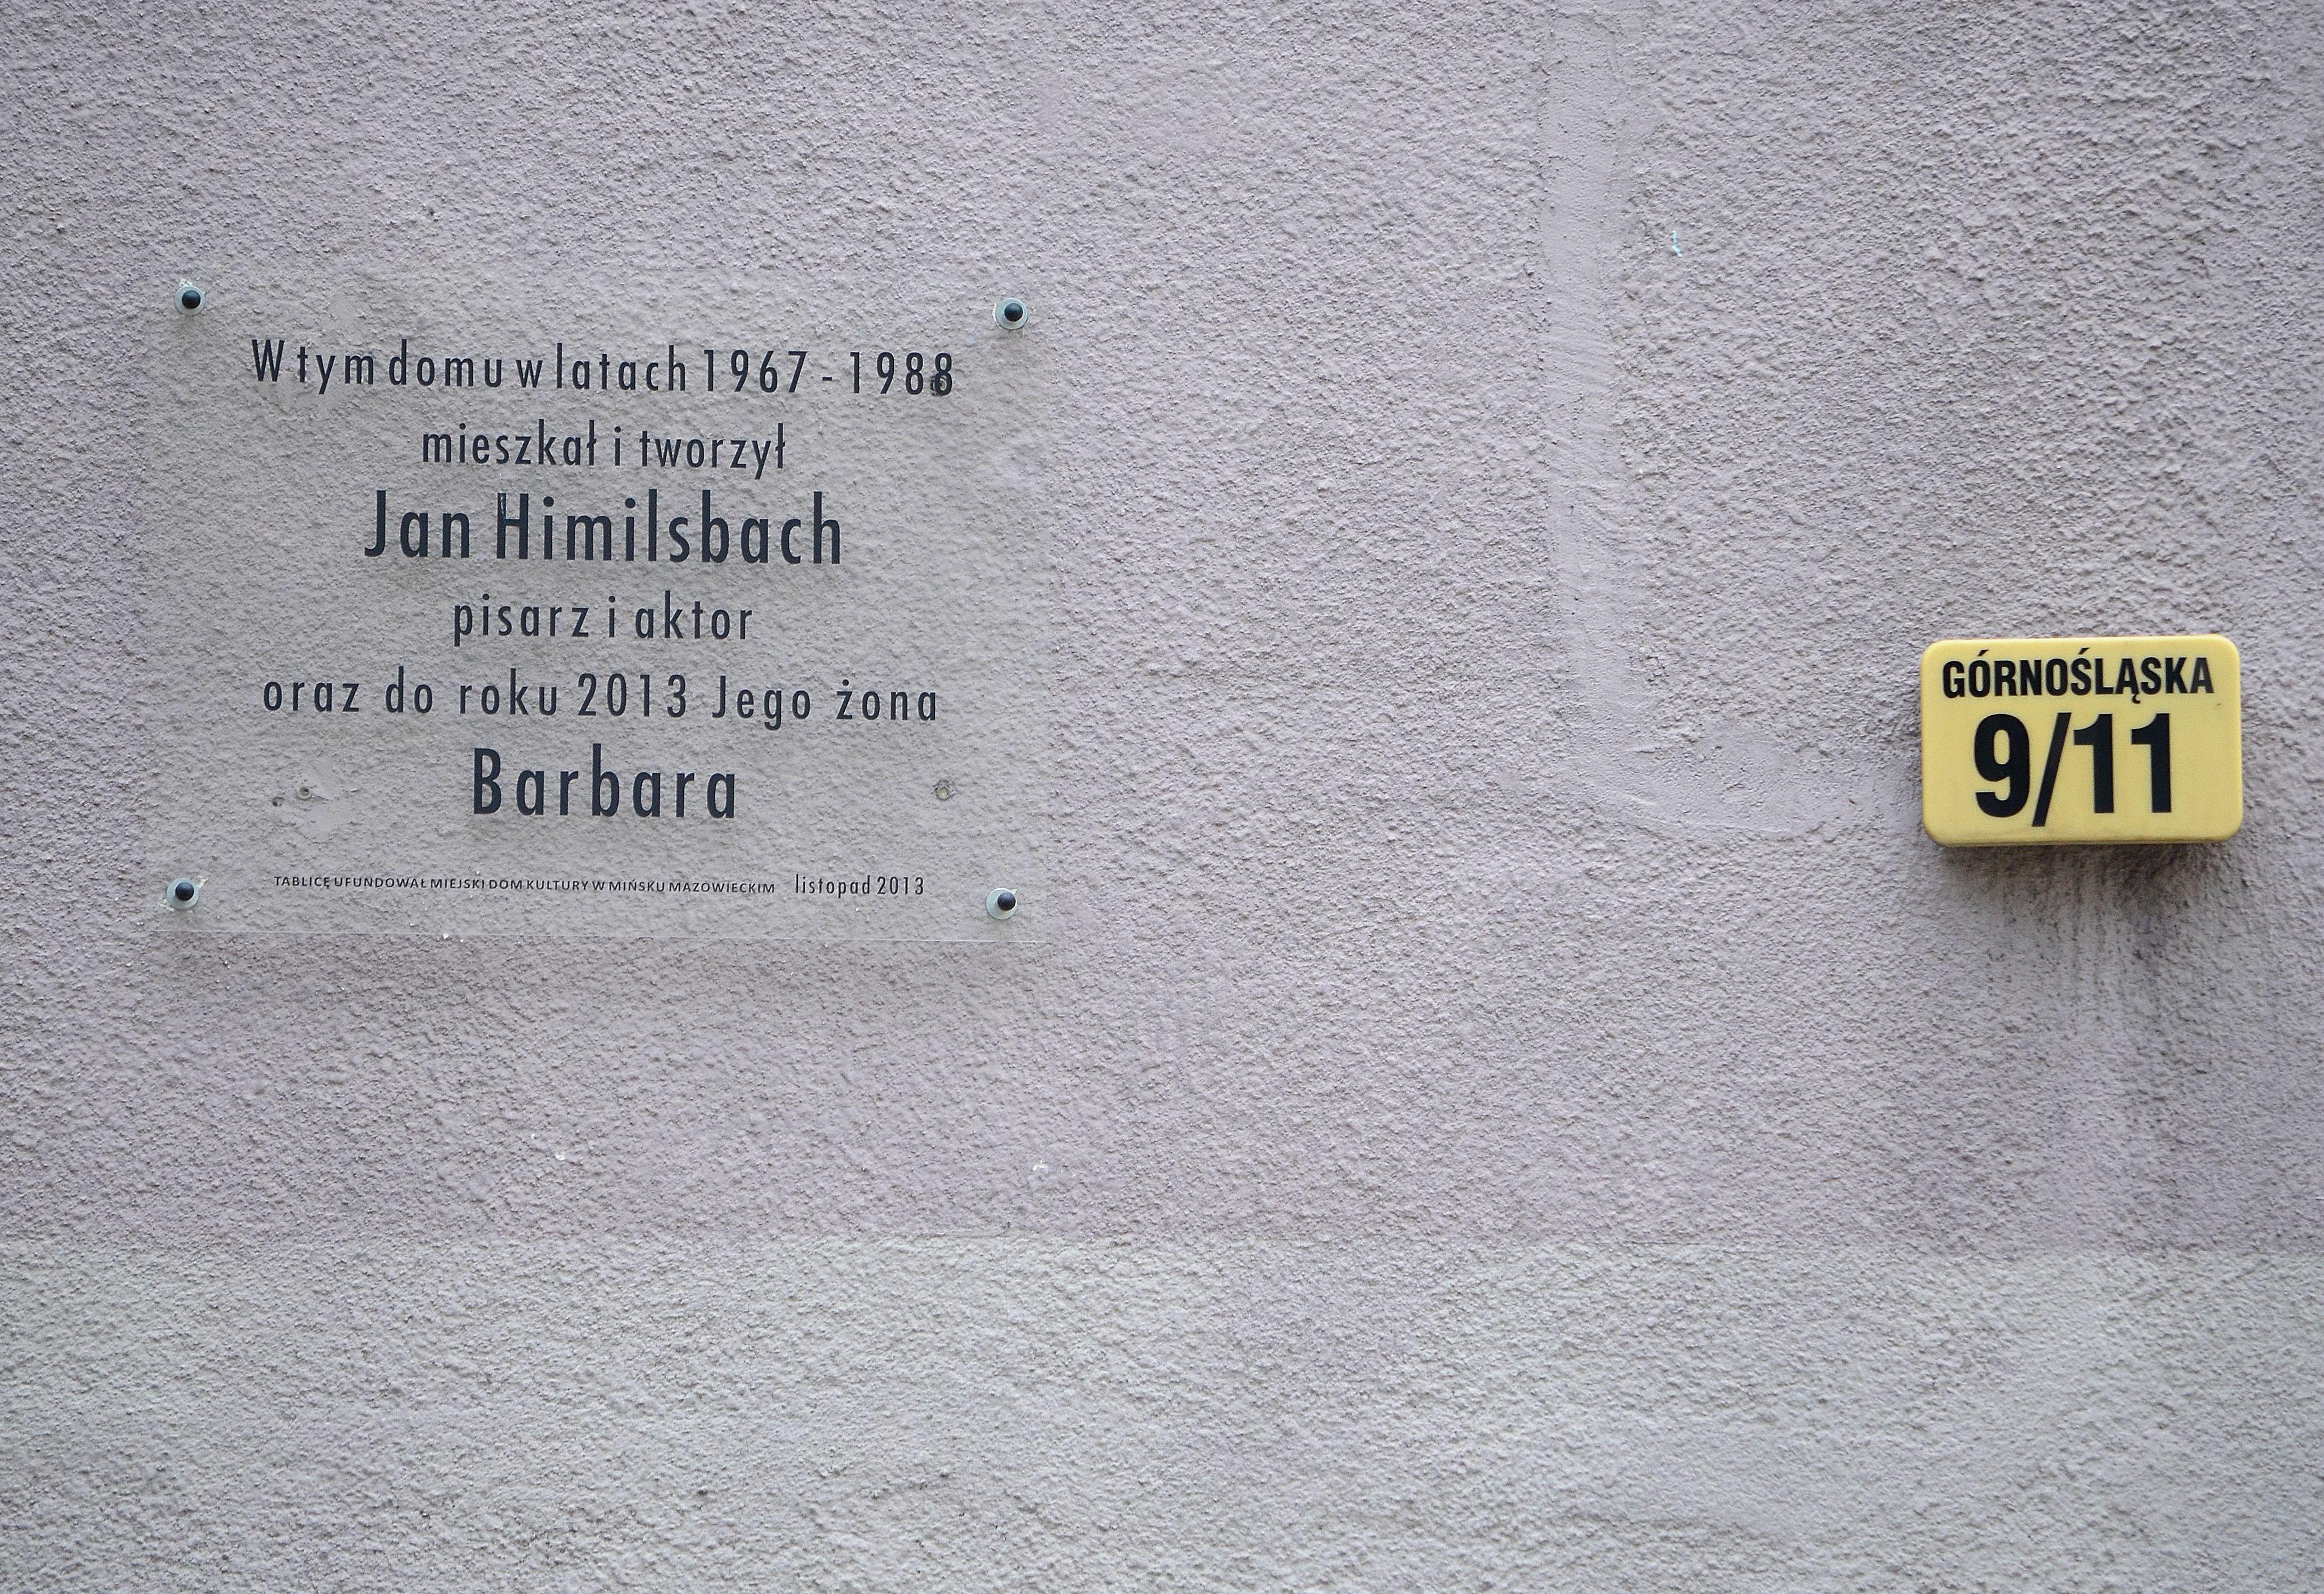 Jan Himilsbach Wikiwand